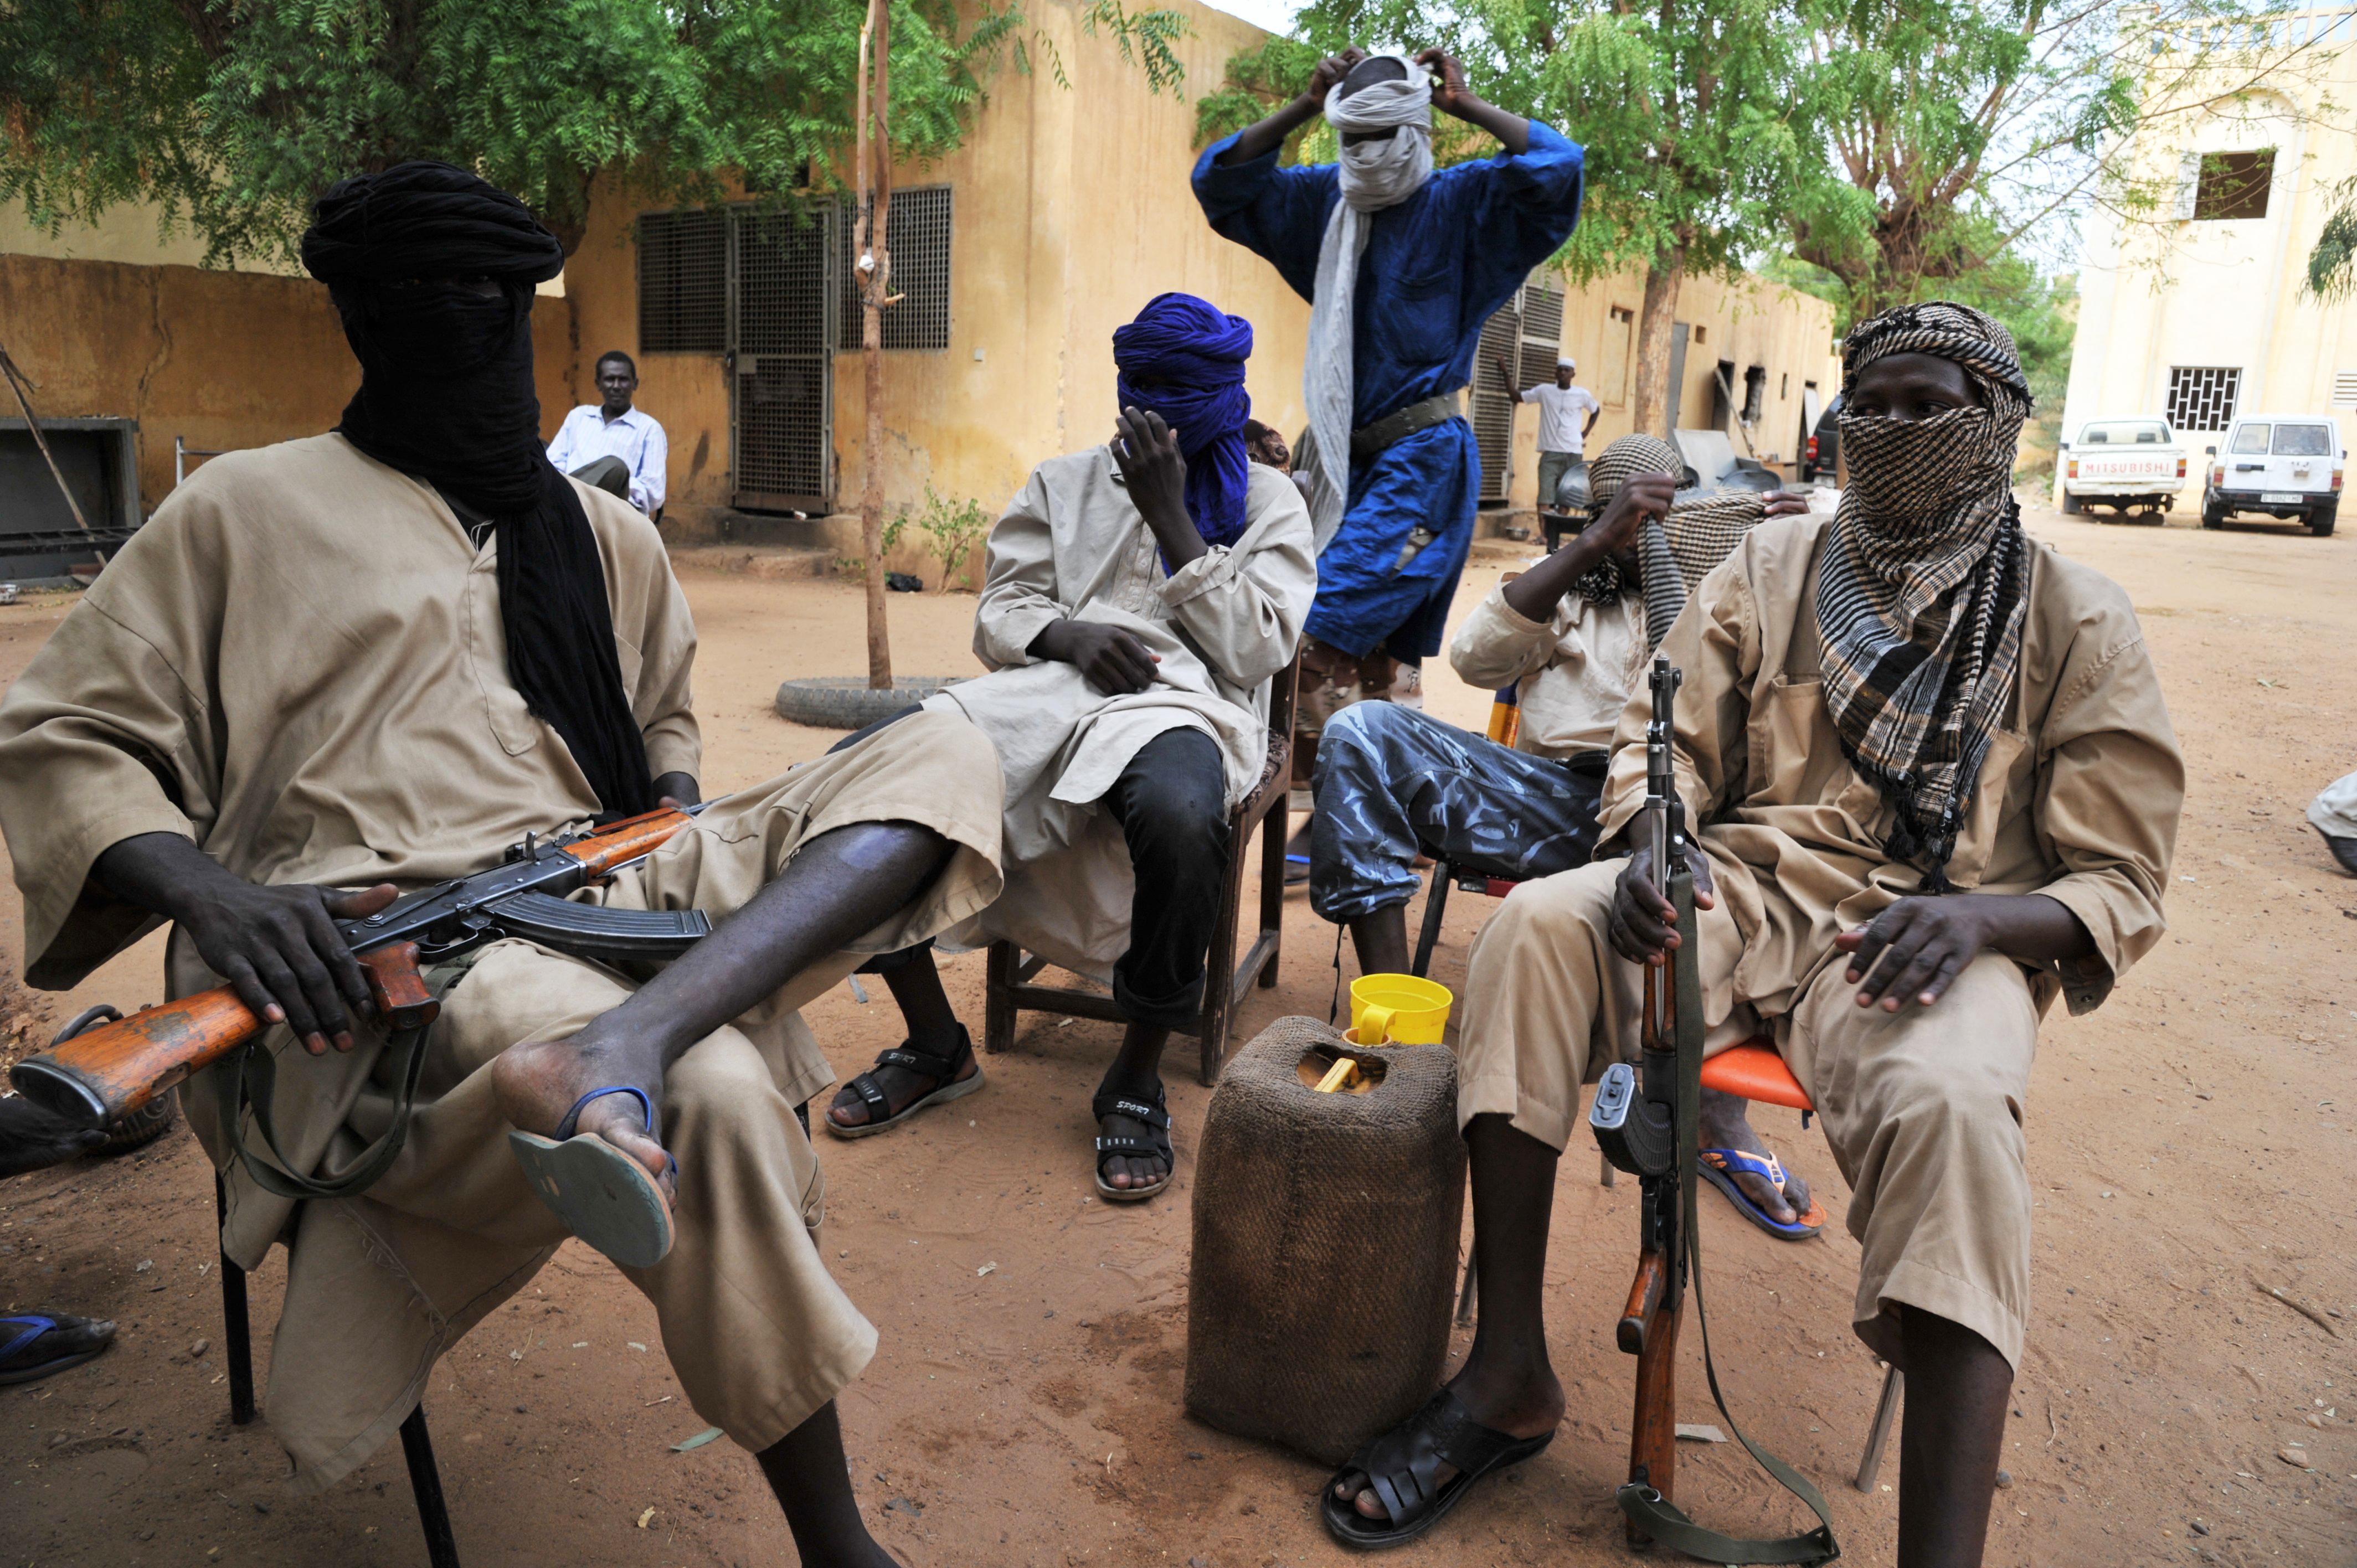 Legalább ötszörösére nőtt a gyermekkatonák száma a Burkina Fasó-i szélsőségesek soraiban